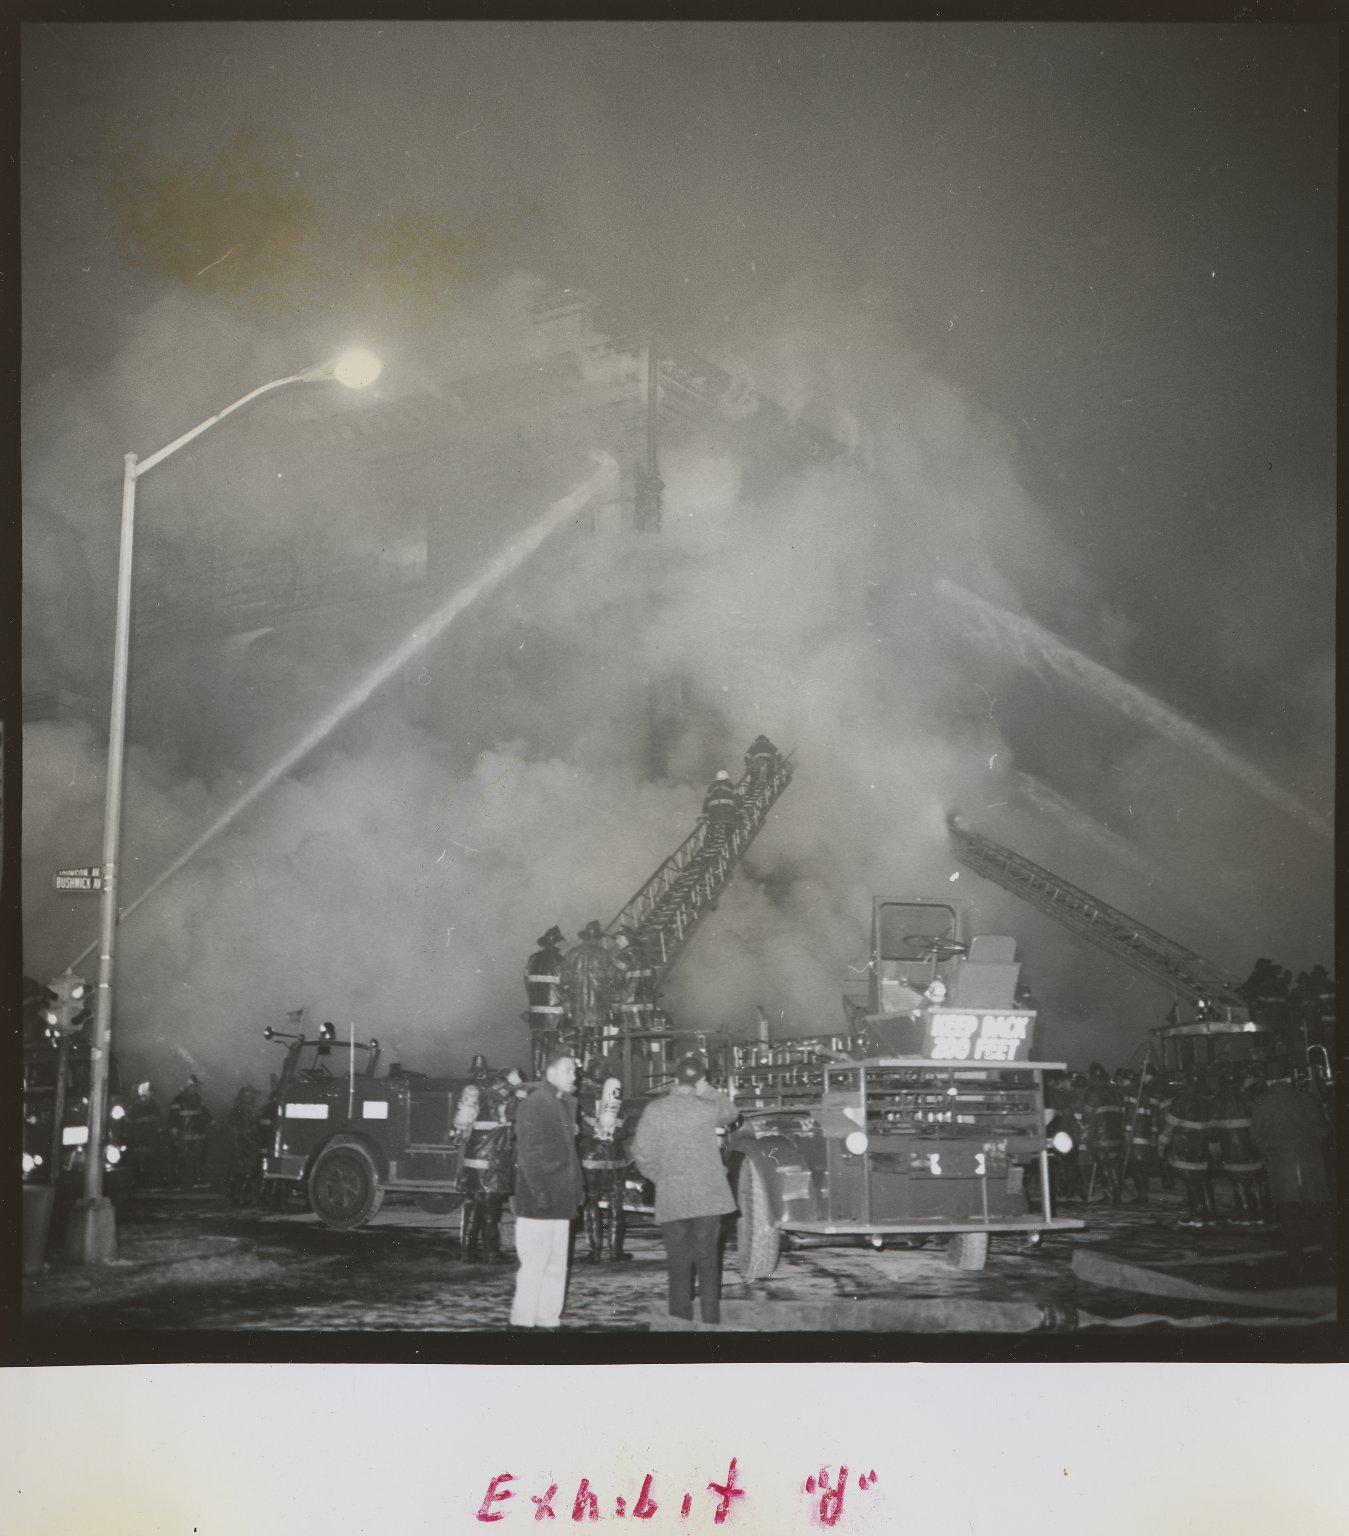 Пожарные автомобили на тушении горящего здания. Нью-Йорк, США. Январь 1968 года